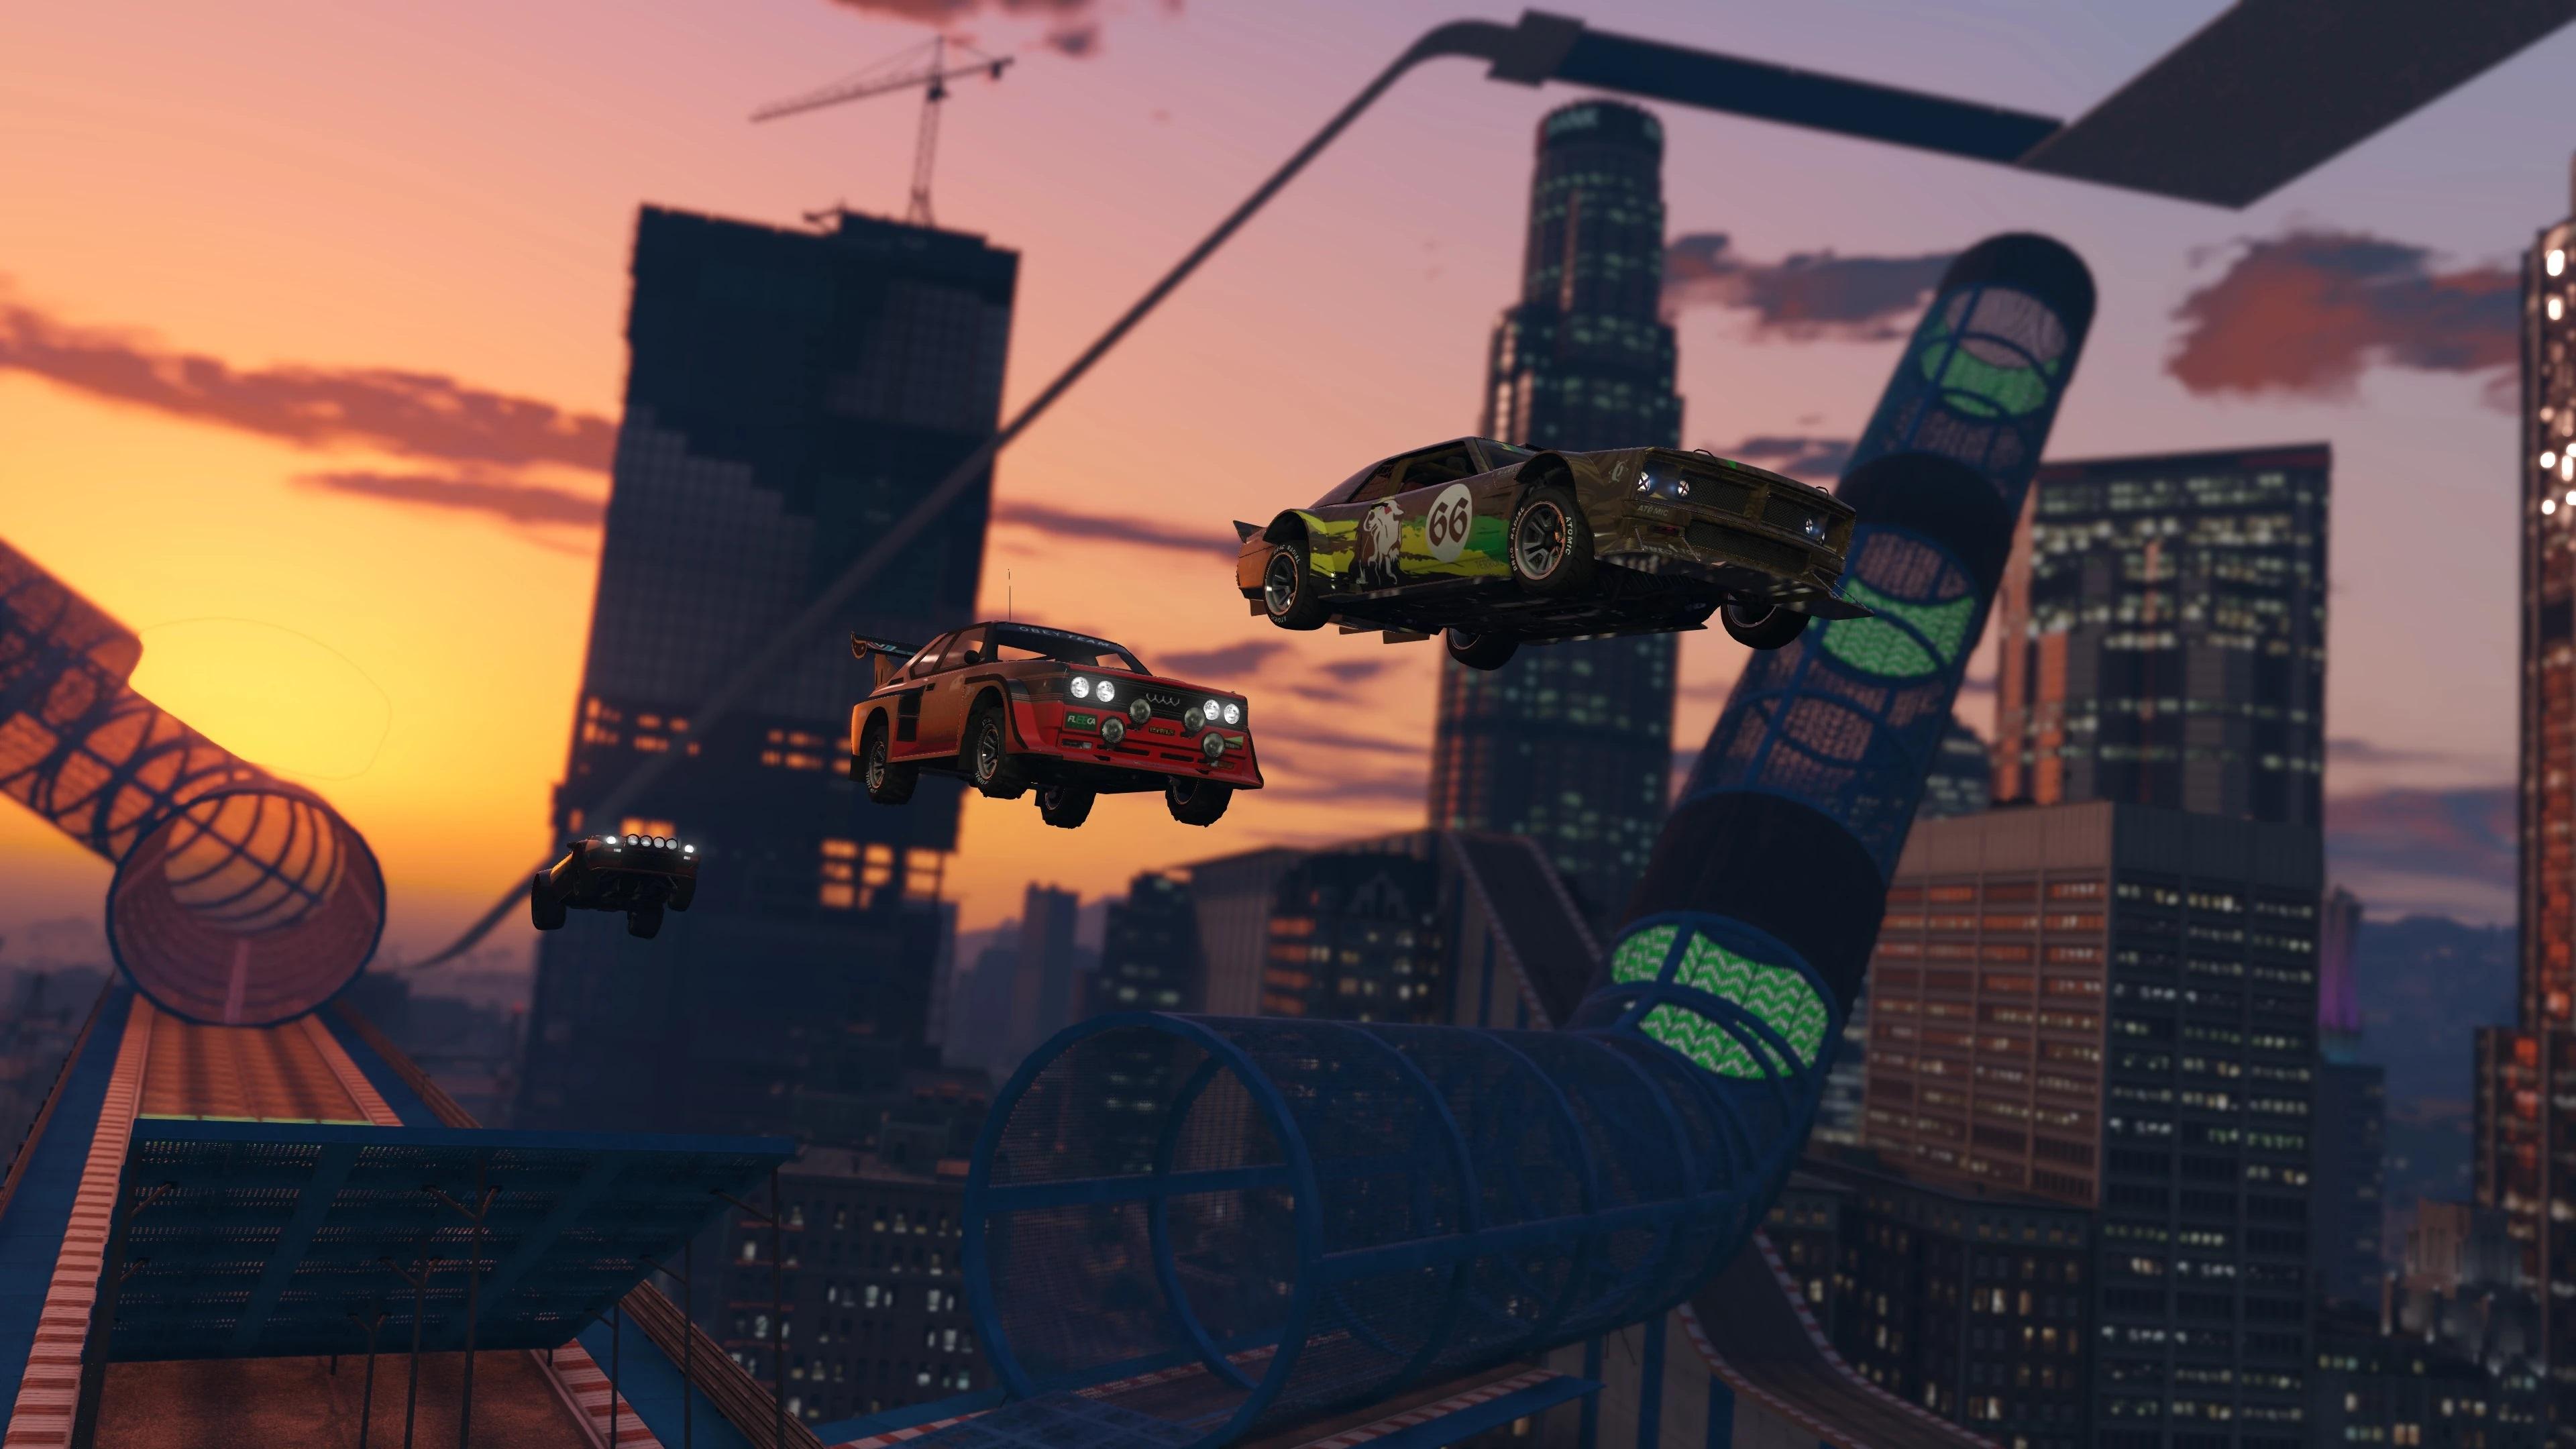 Archivo:Stunts 4.jpeg